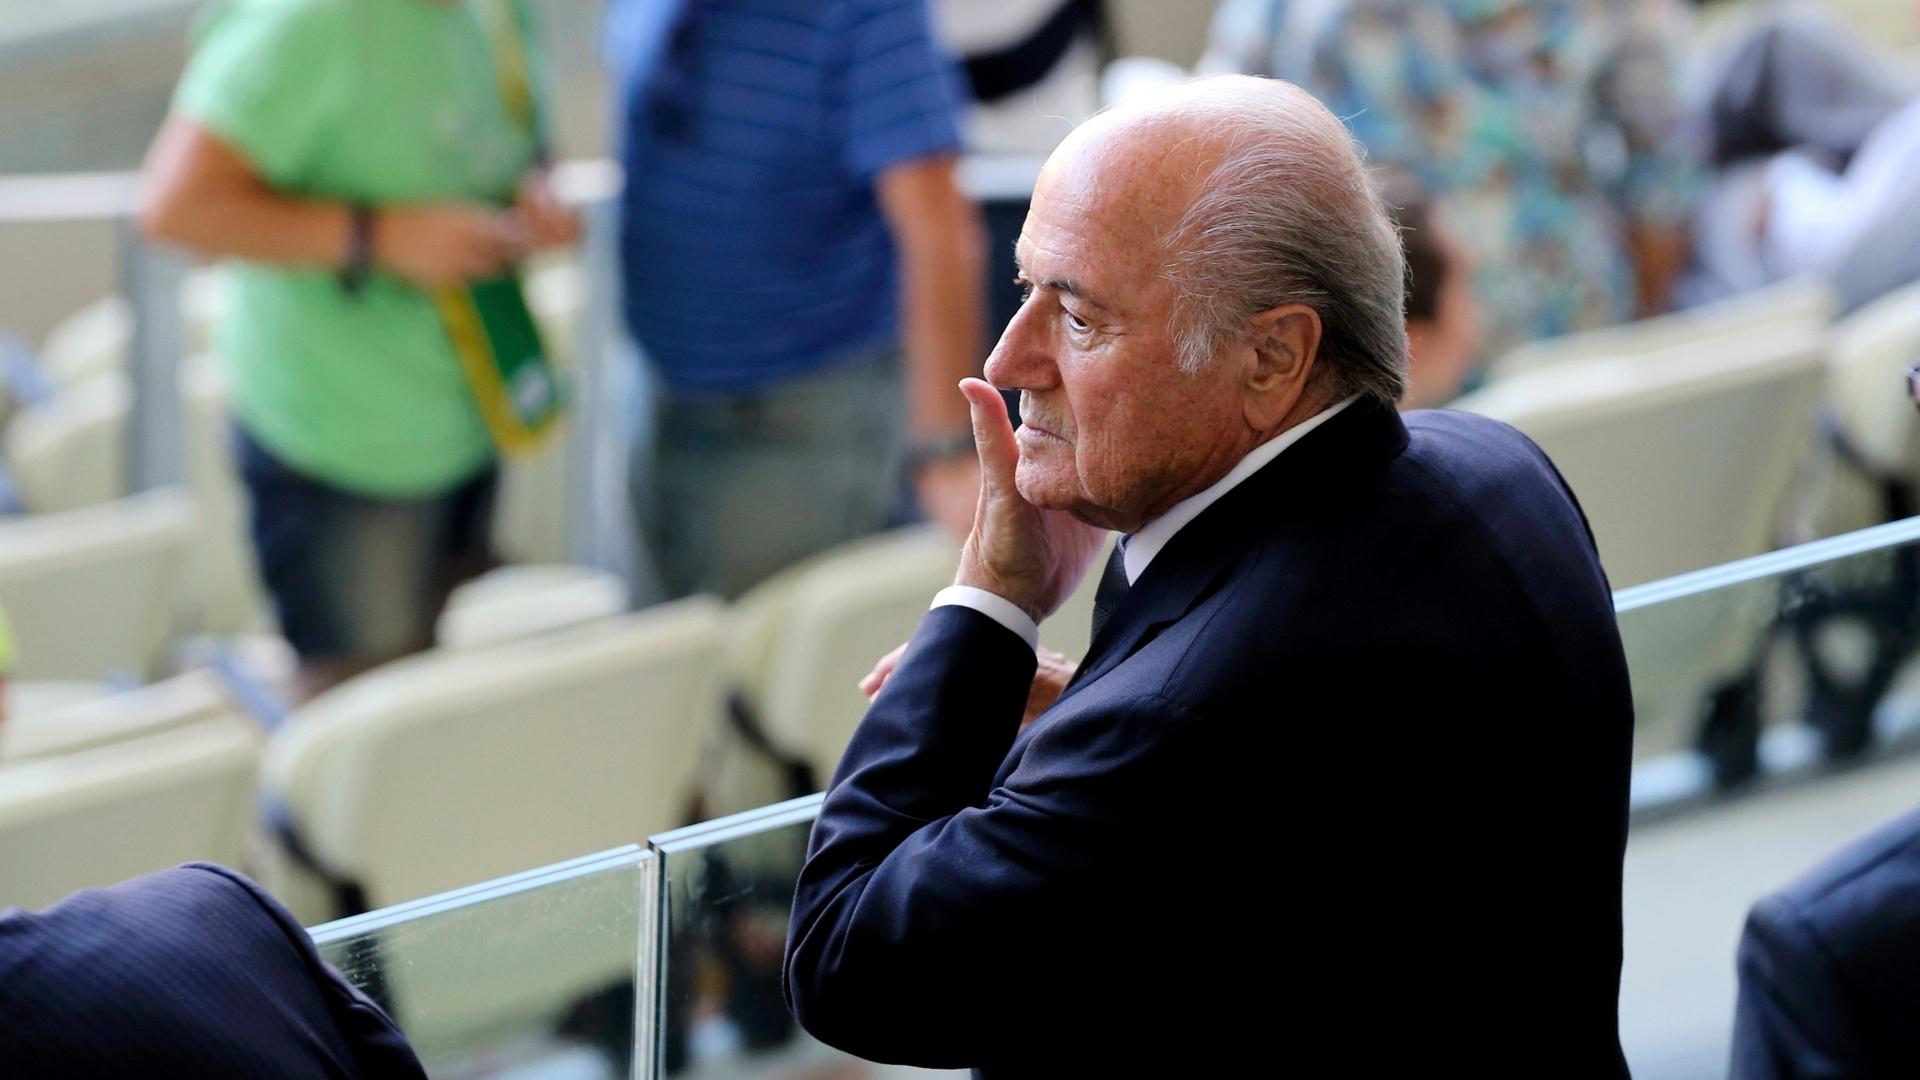 27.jun.2013 - Joseph Blatter, presidente da Fifa, é fotografado no Castelão minutos antes da semifinal da Copa das Confederações entre Espanha e Itália